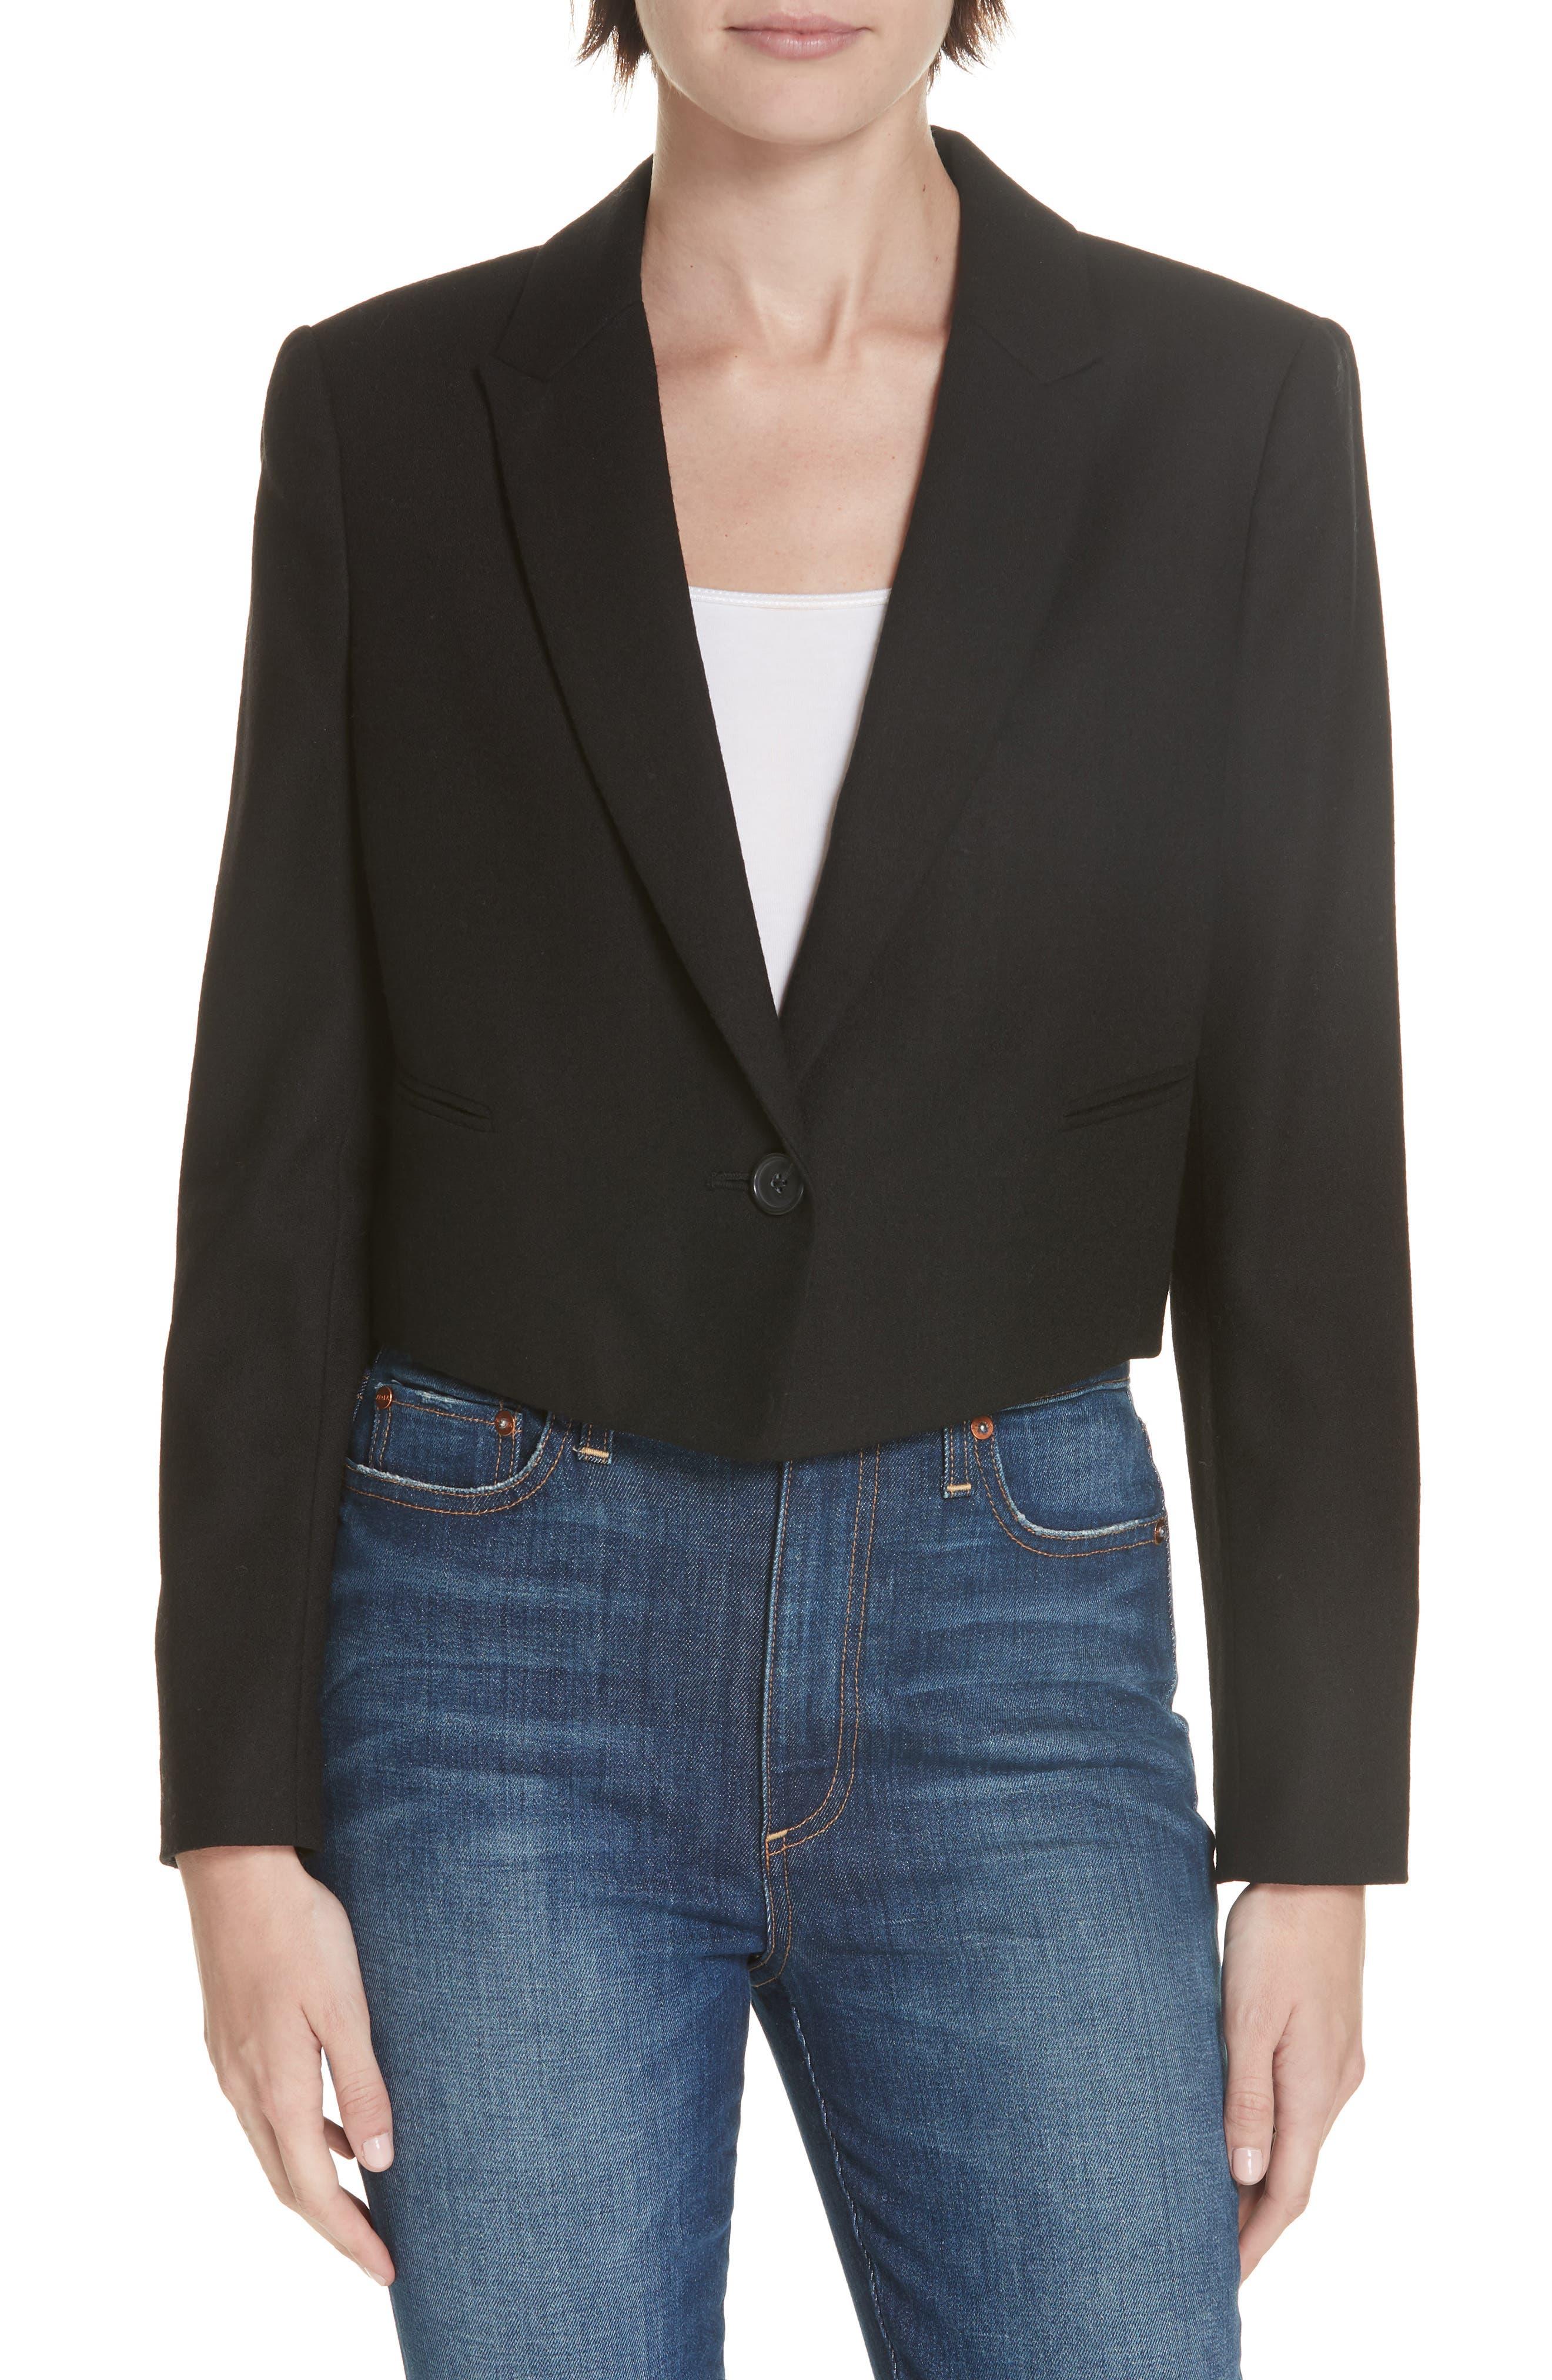 Wright Wool Jacket in True Black